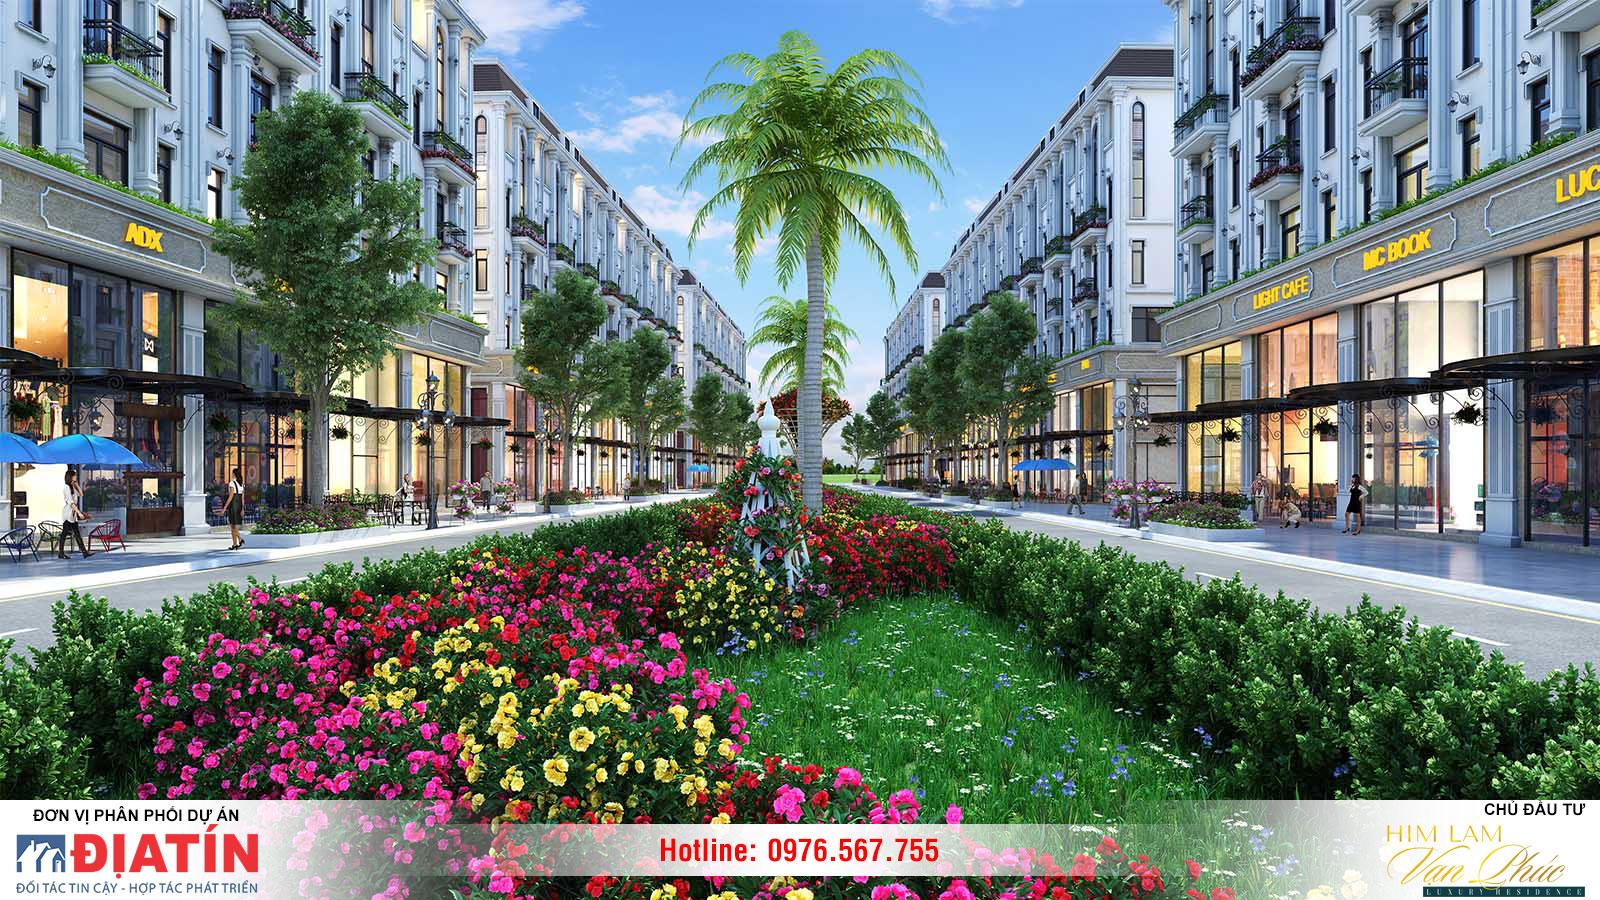 Thiết kế dự án Him Lam Vạn Phúc